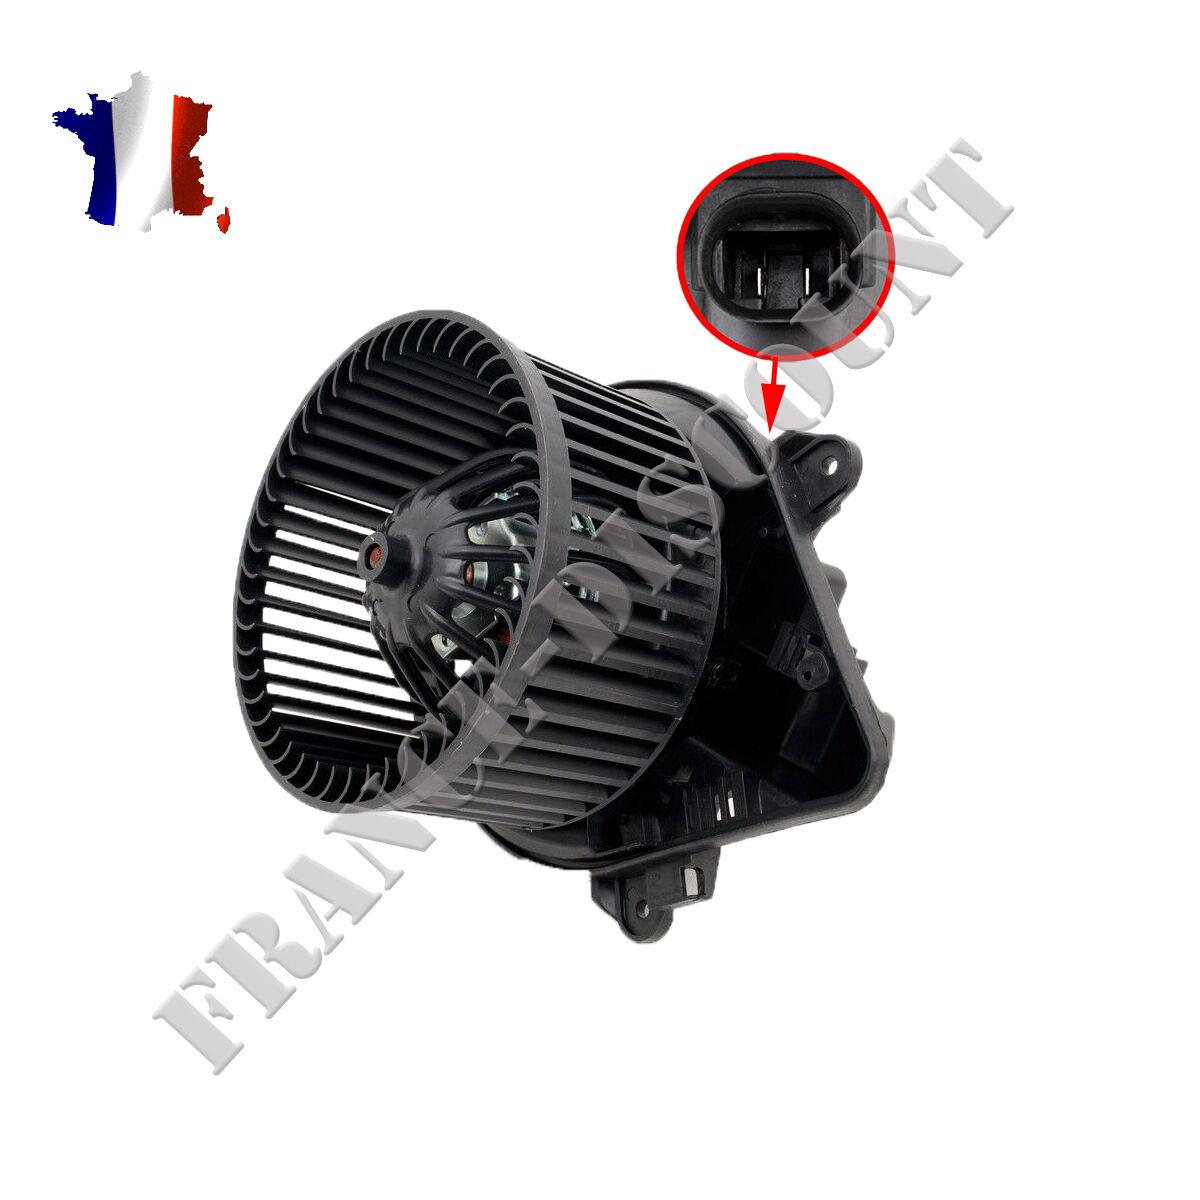 Résistance F Ventilateur moteur pour Renault Megane Scenic ja0//1 1.4 1.6 1.9 2.0